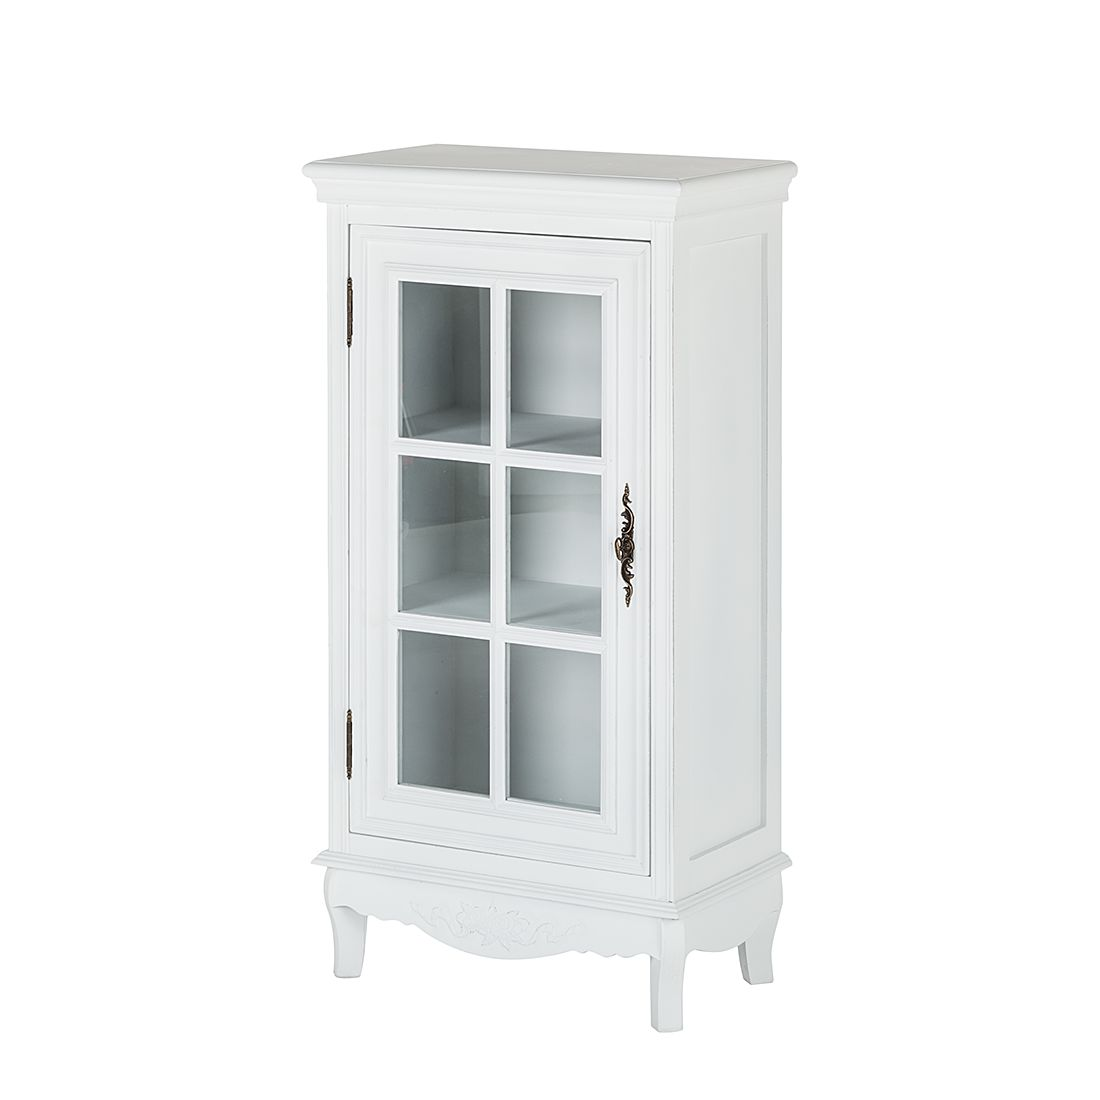 Commode Belleville - Blanc - Avec porte vitrée, Maison Belfort